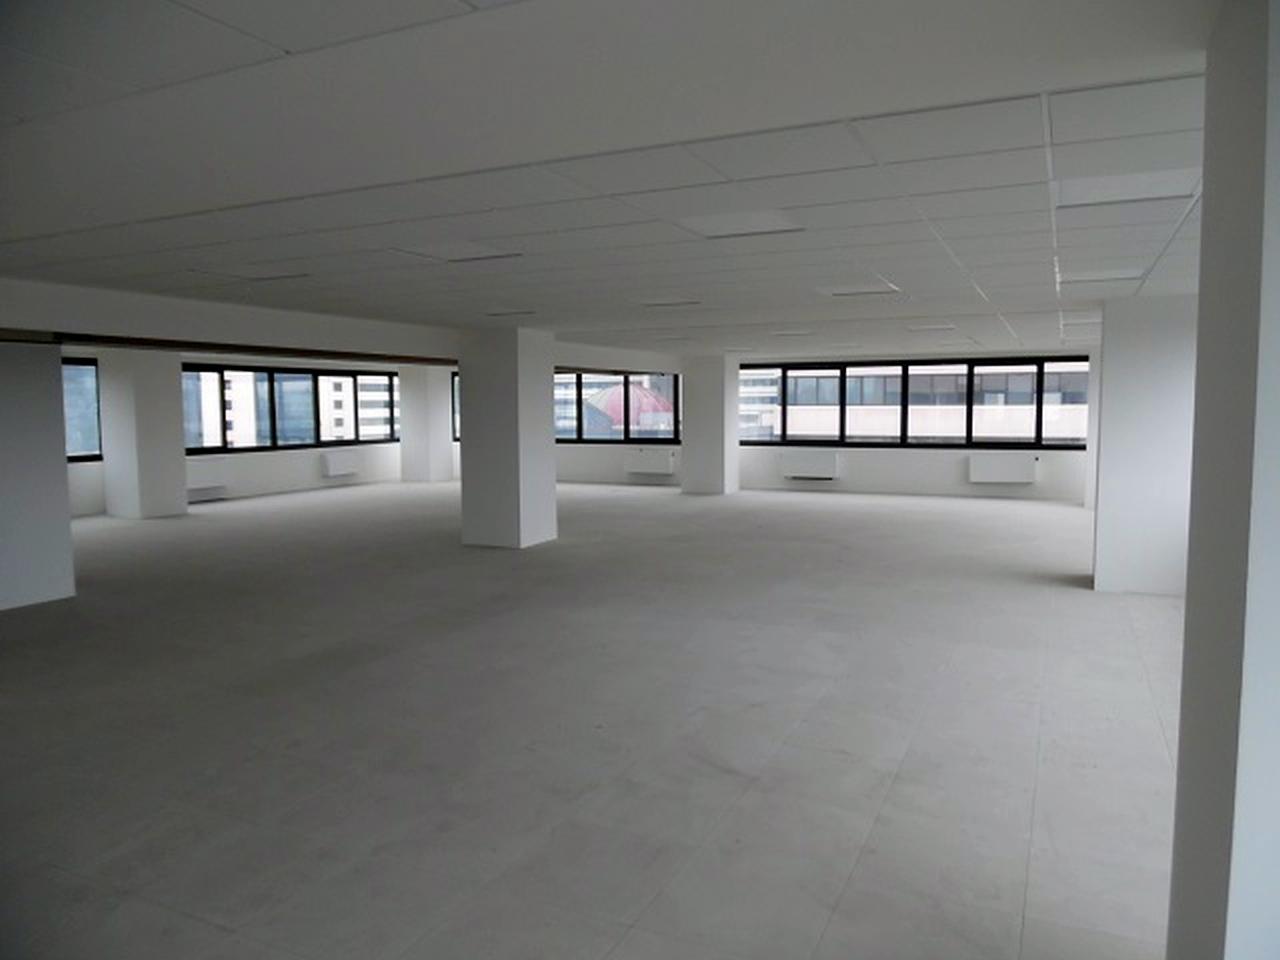 Affitto UFFICIO in Monza brianza - RIF. ULSQ037